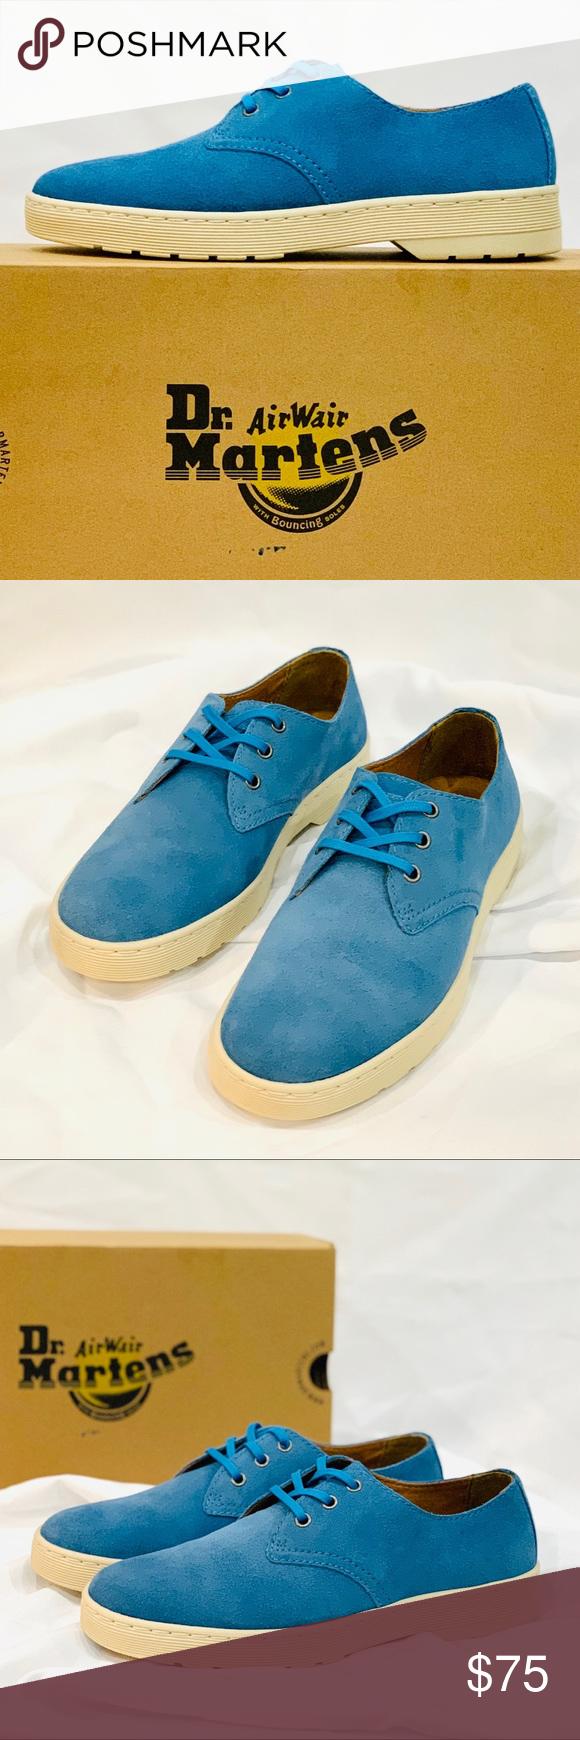 Dr. Martens | Coronado Blue Suede